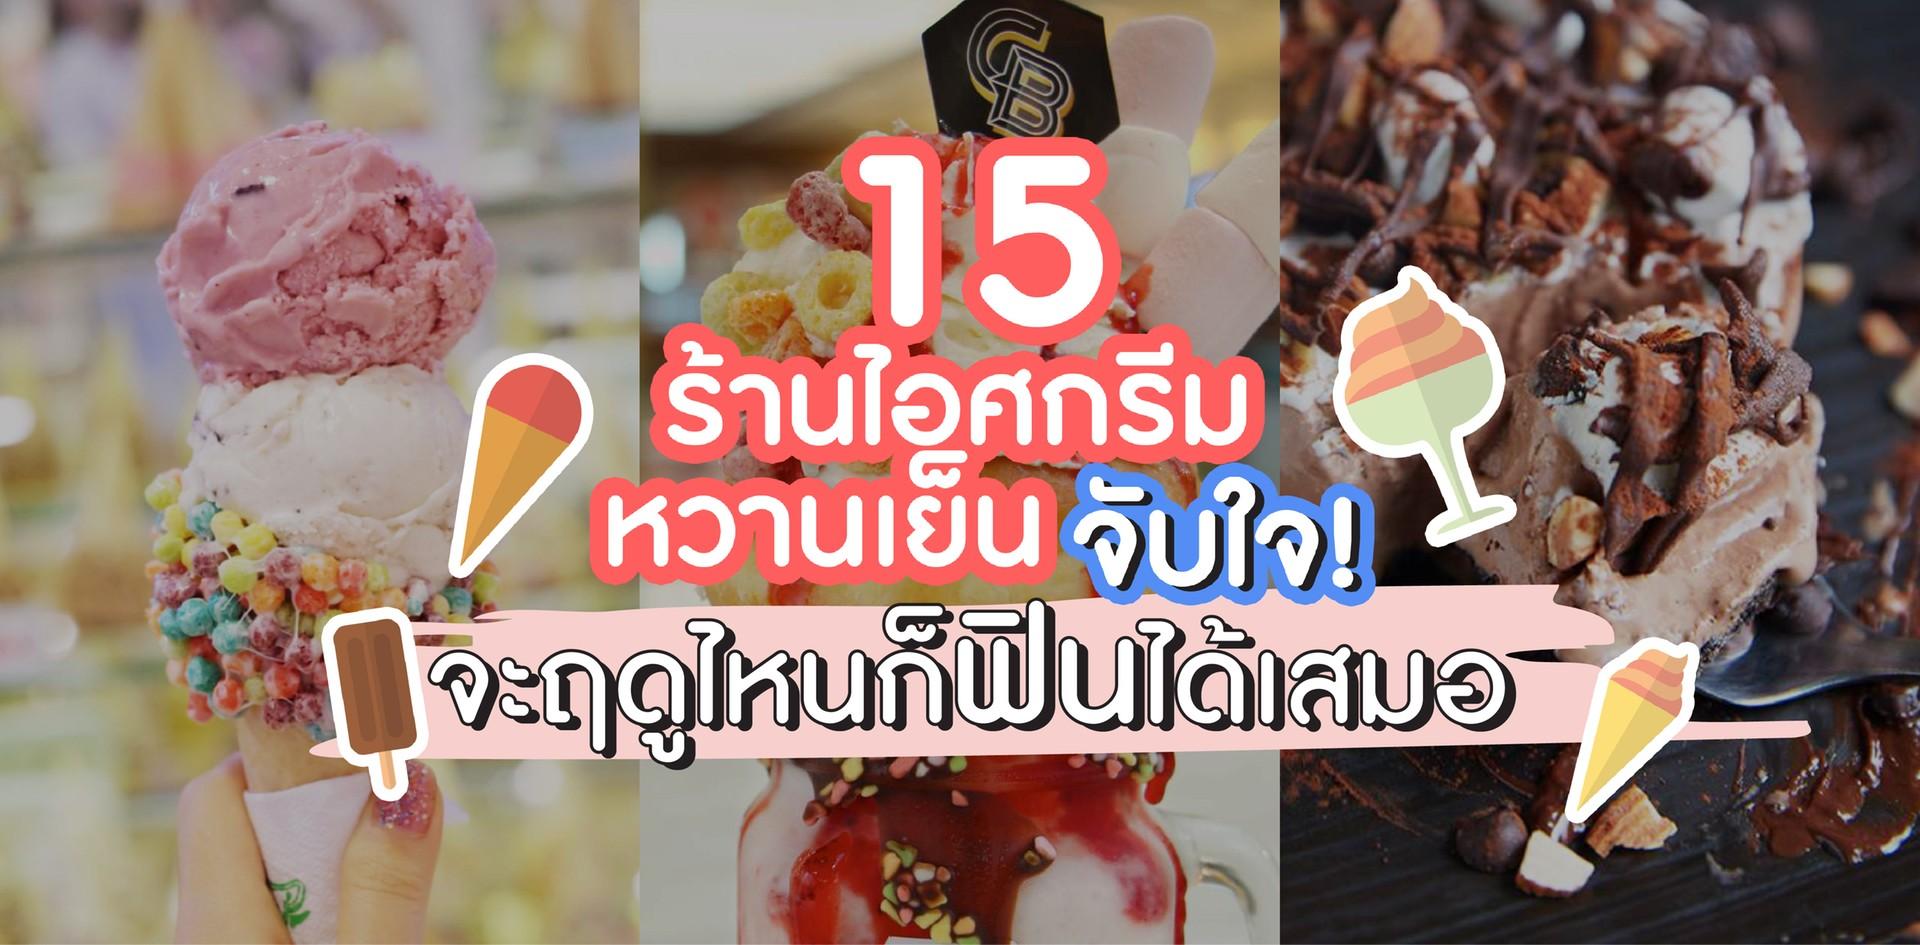 15 ร้านไอศกรีมหวานเย็นจับใจจะฤดูไหนก็ฟินได้เสมอ